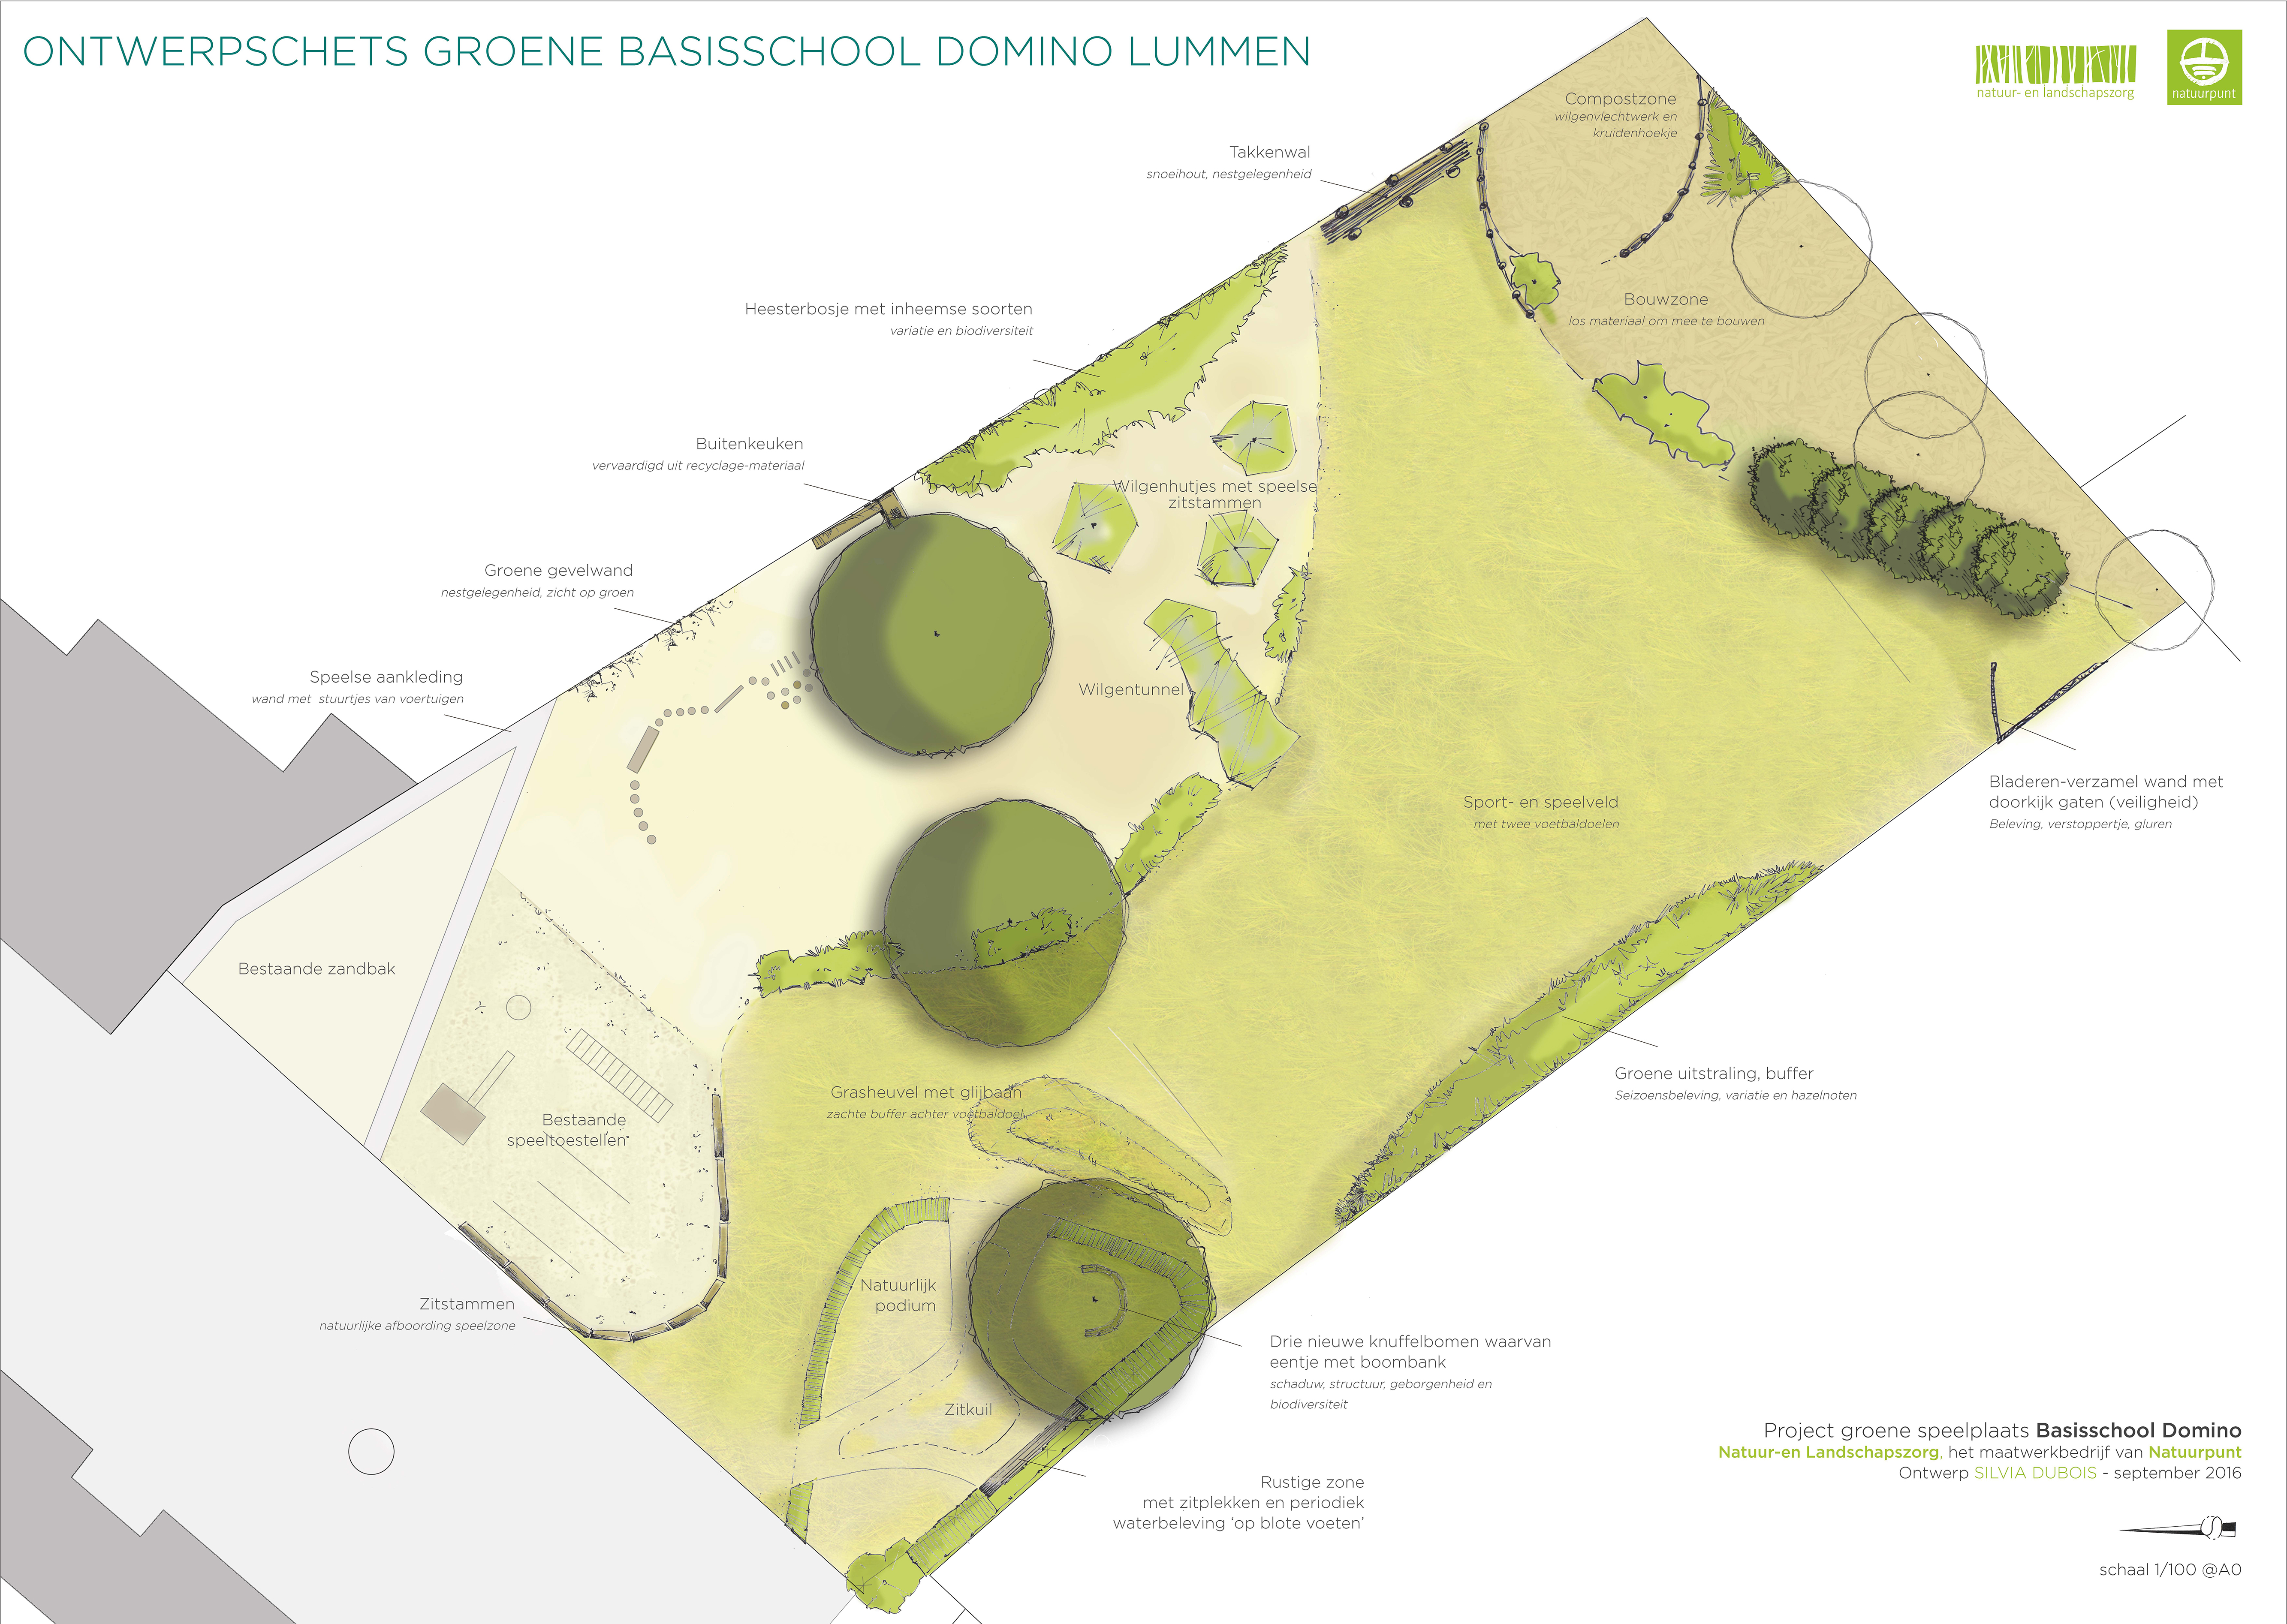 Ecologische inrichting groene stedelijke ruimte en ...